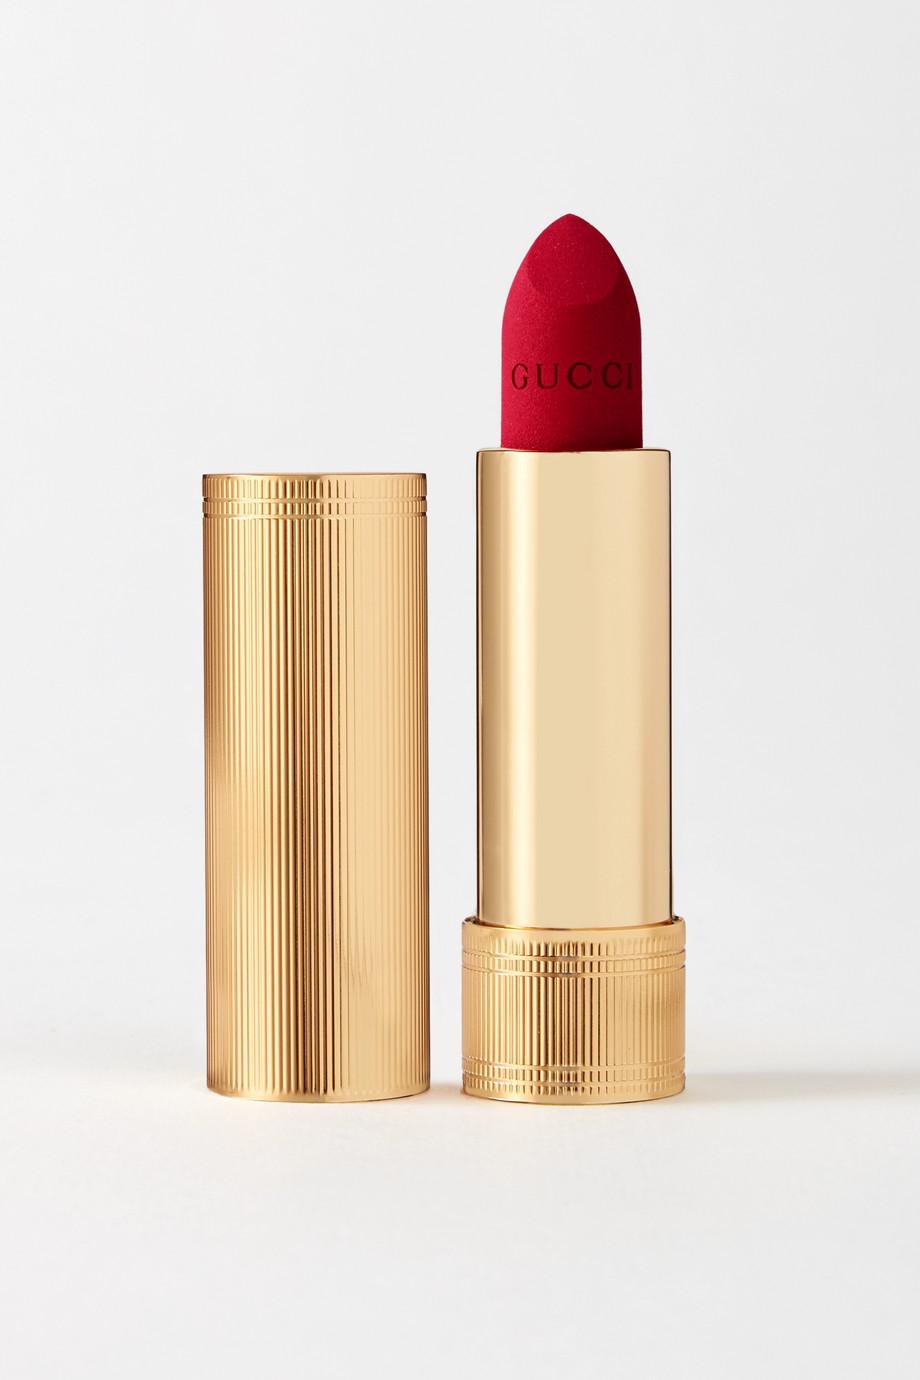 Gucci Beauty Rouge à lèvres mat, Janie Scarlet 509